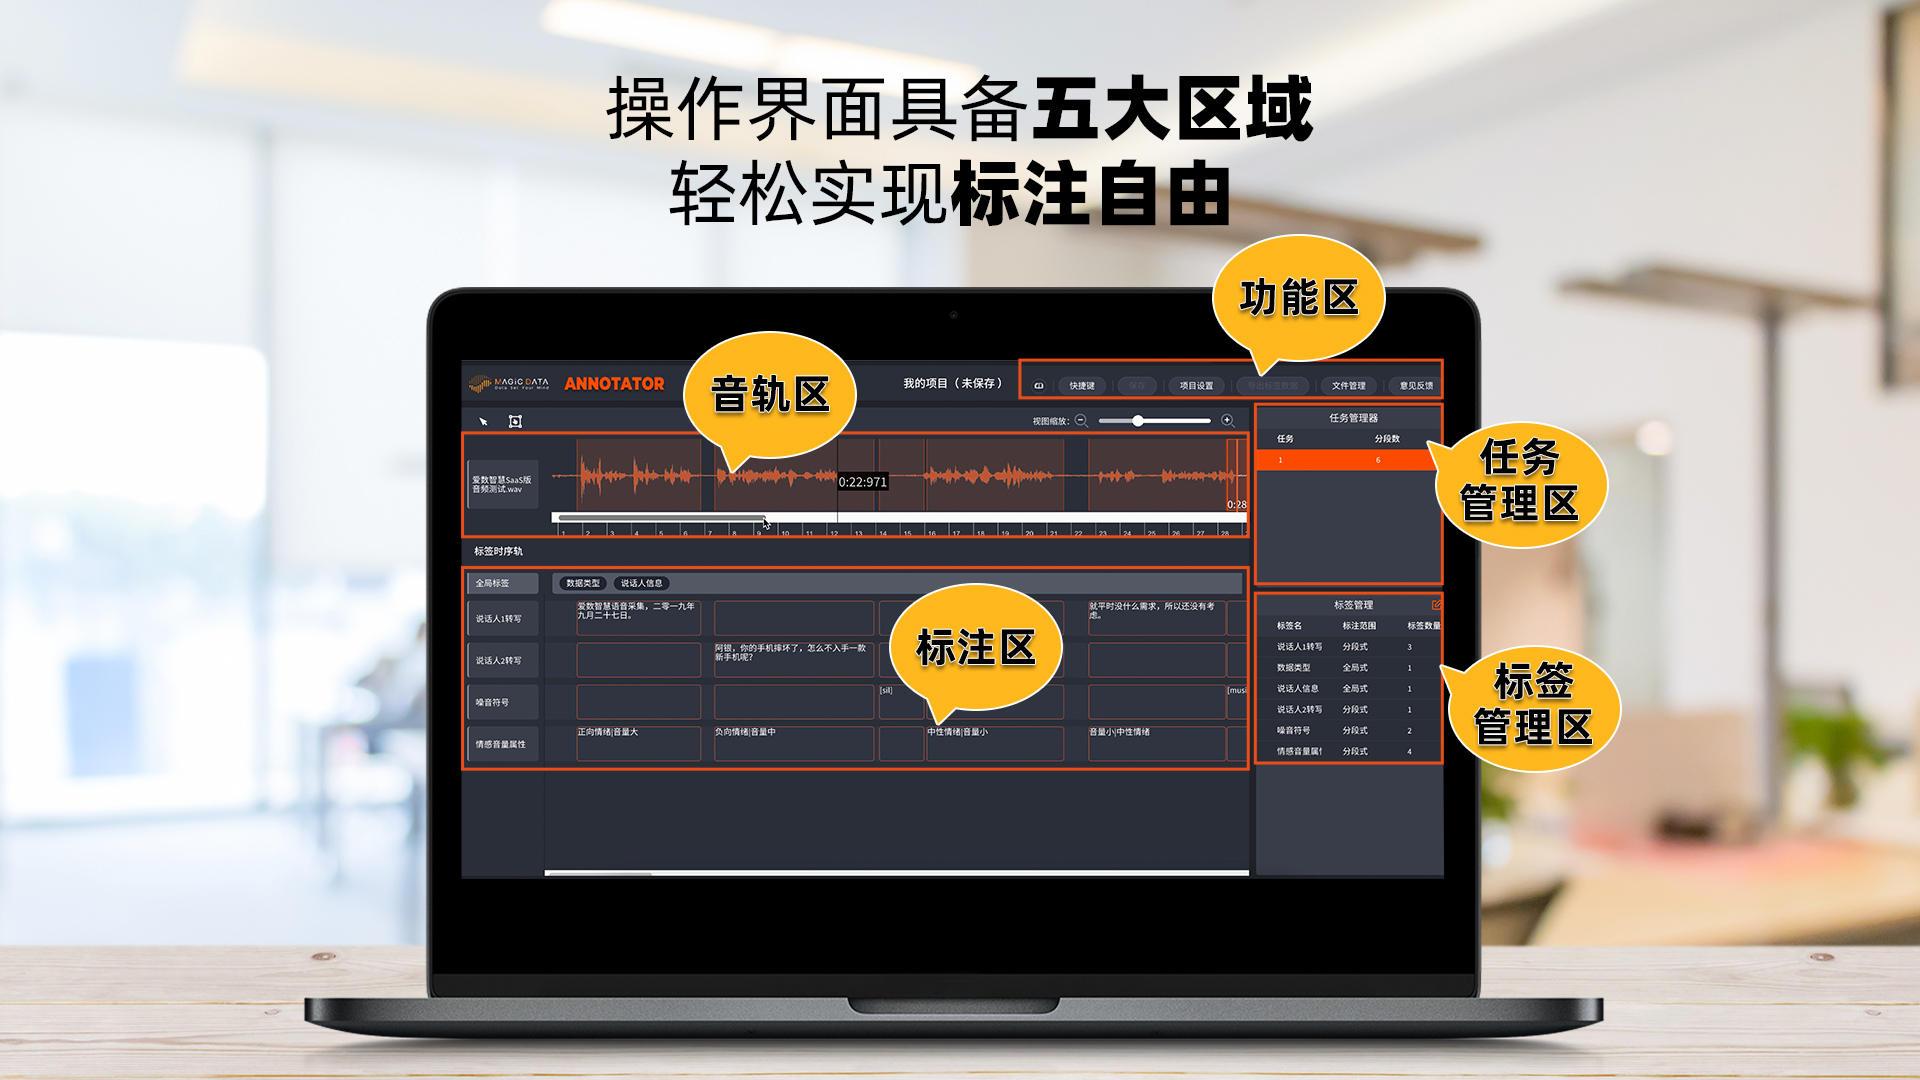 爱数智慧正式上线SaaS免费标注平台-Annotator® 5.0